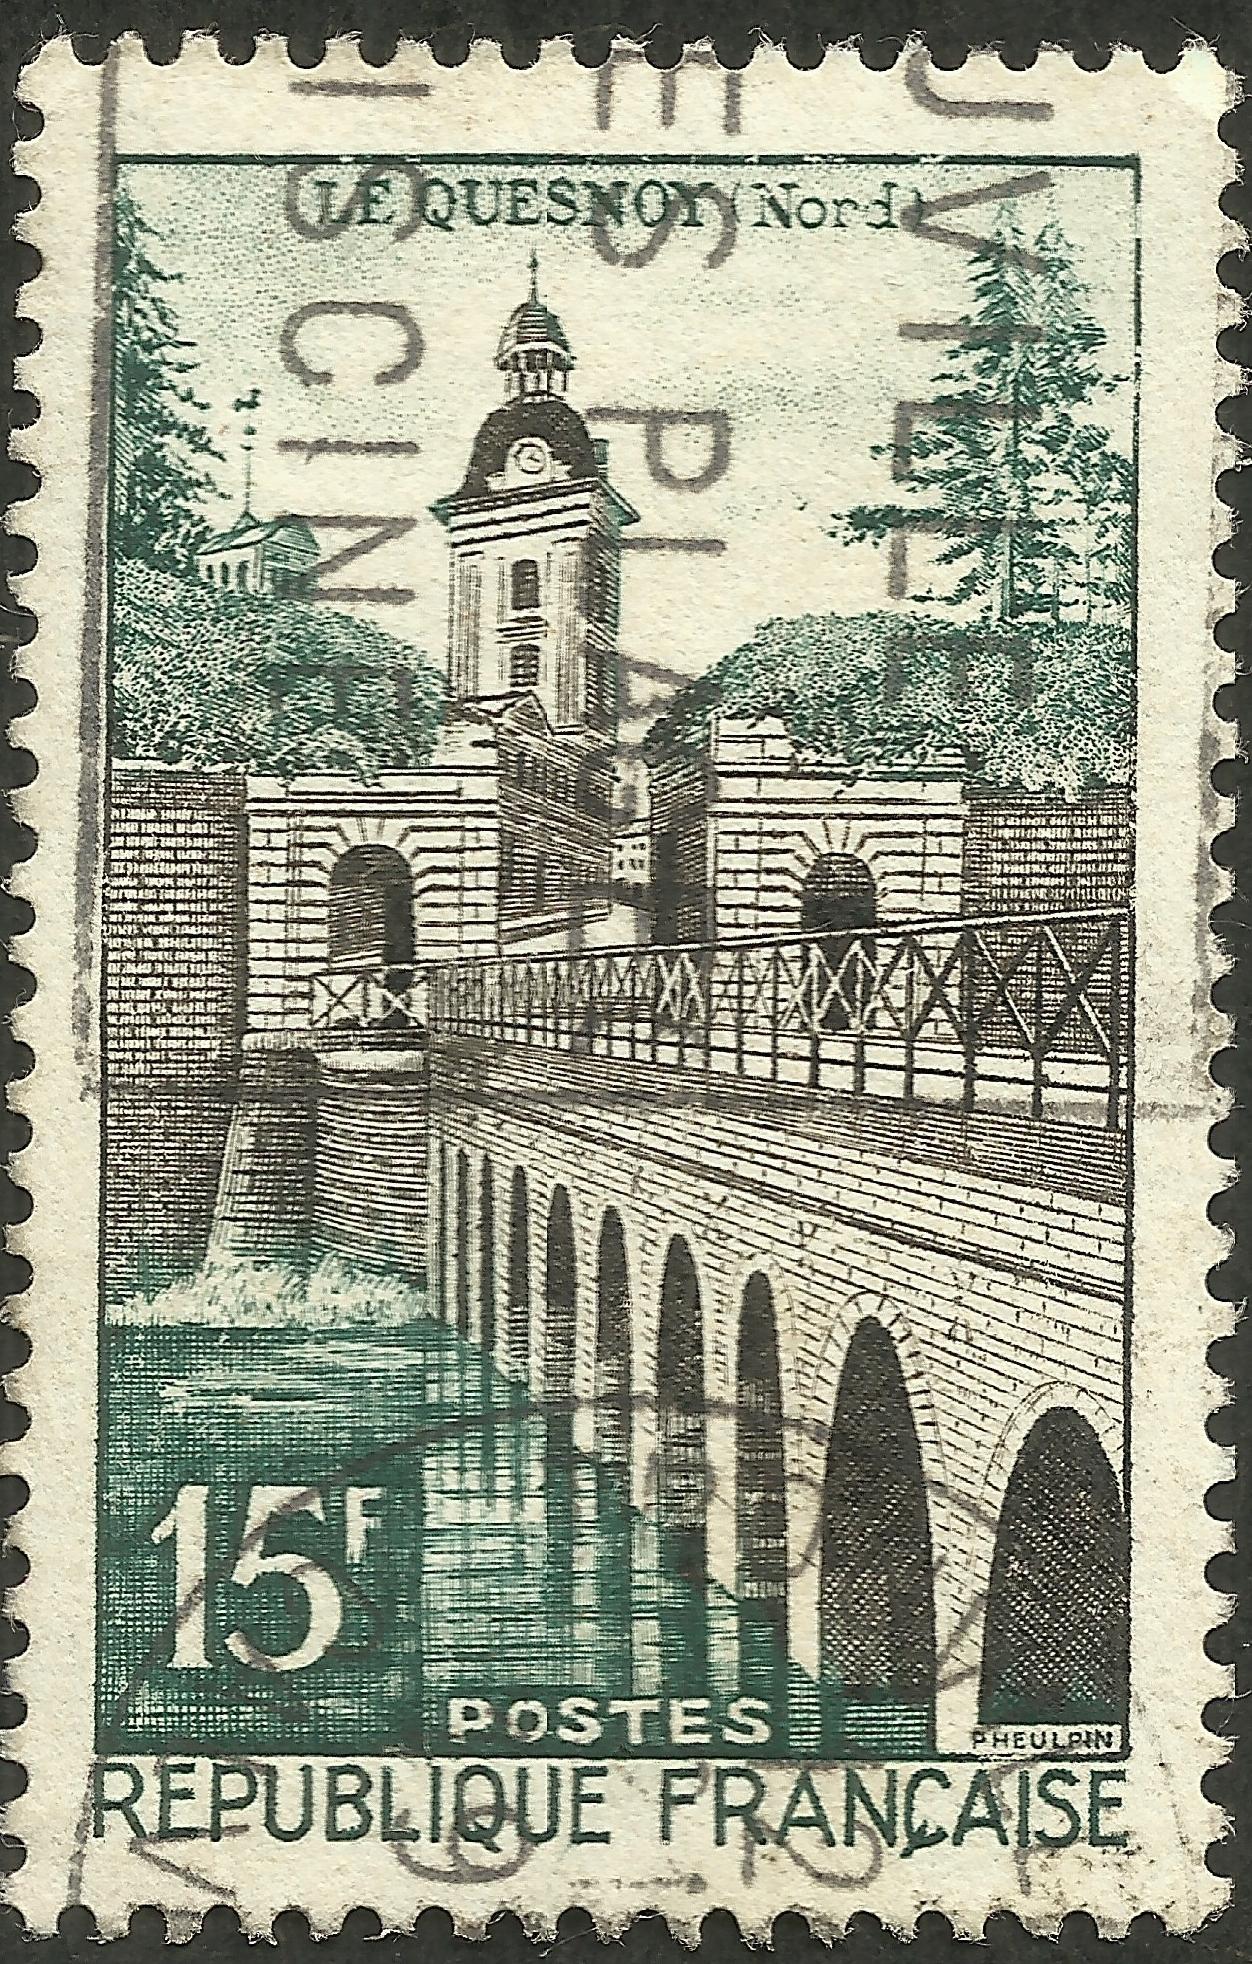 France - Scott #837 (1957)